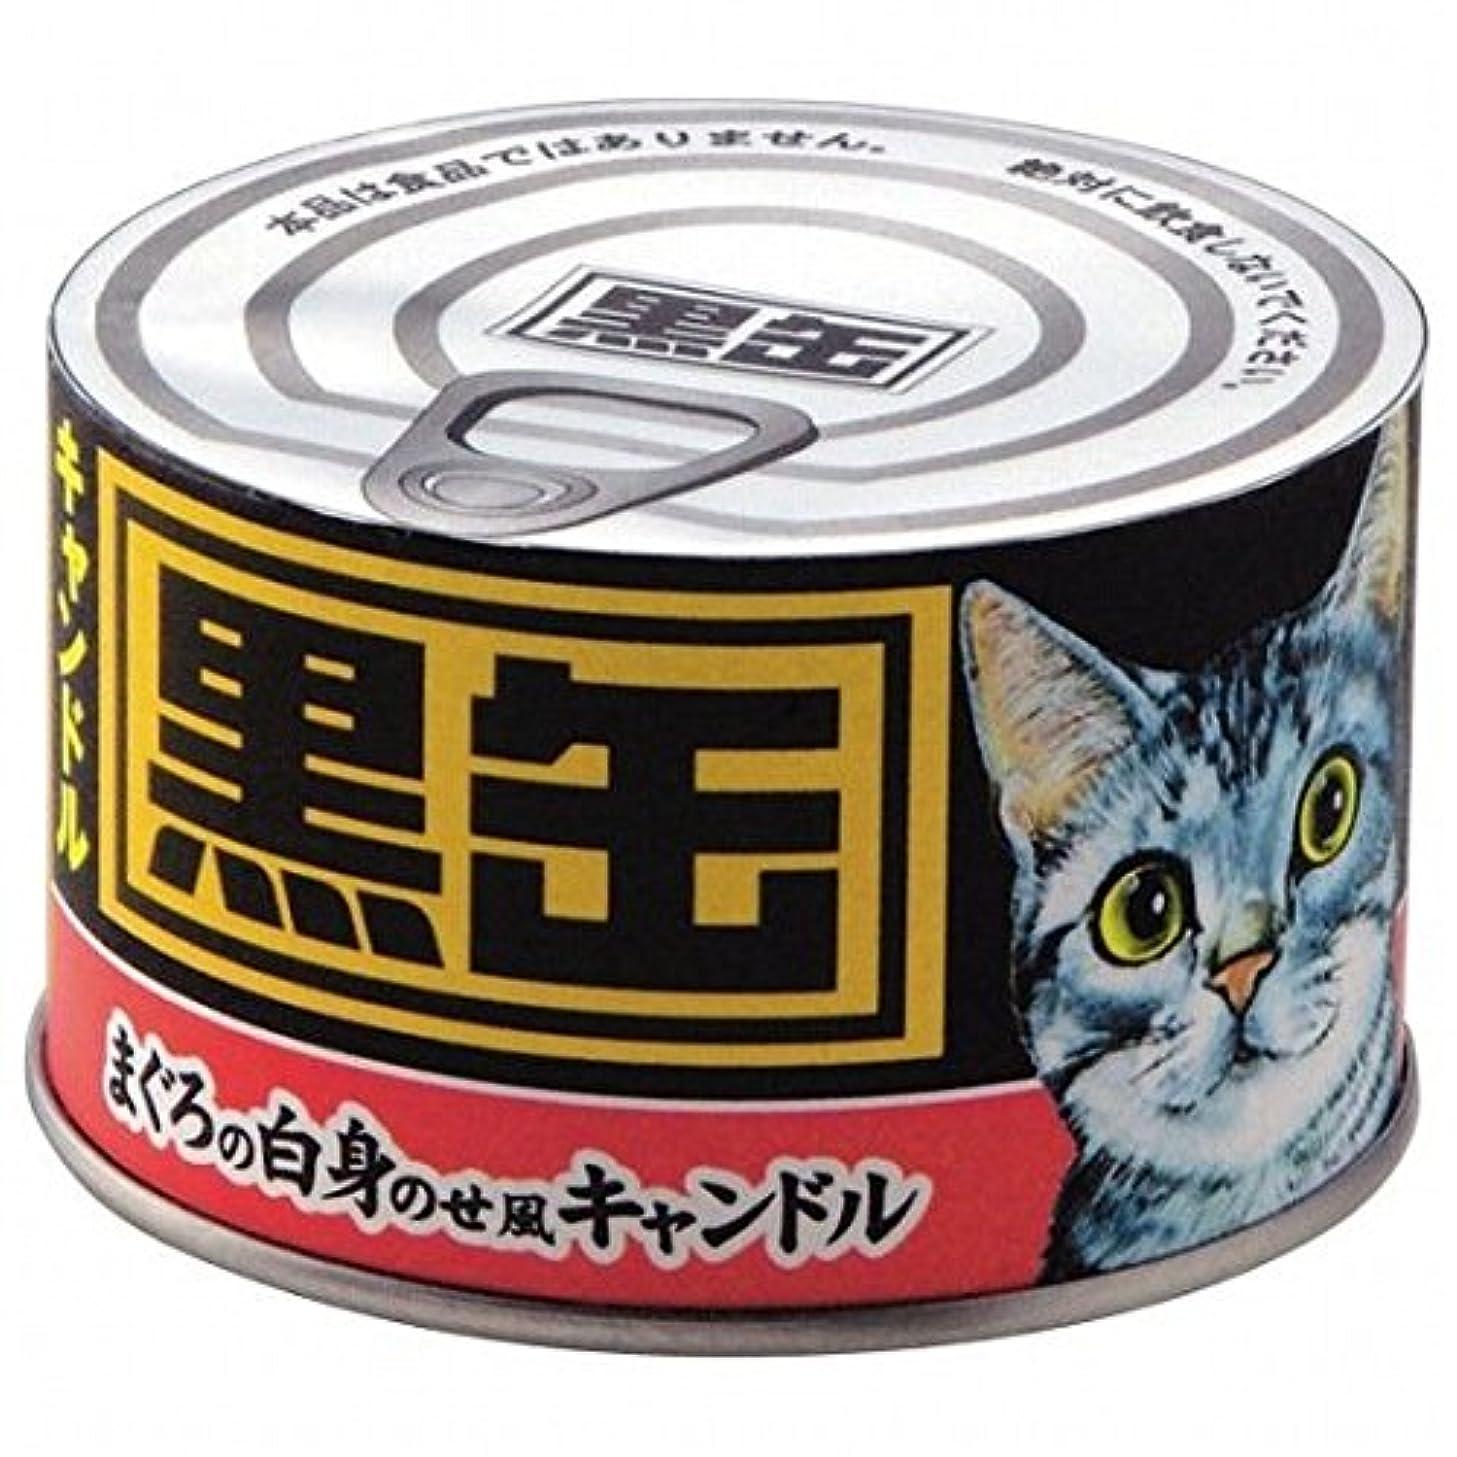 平らにする鼻もっともらしいkameyama candle(カメヤマキャンドル) 黒缶キャンドル(86620000)